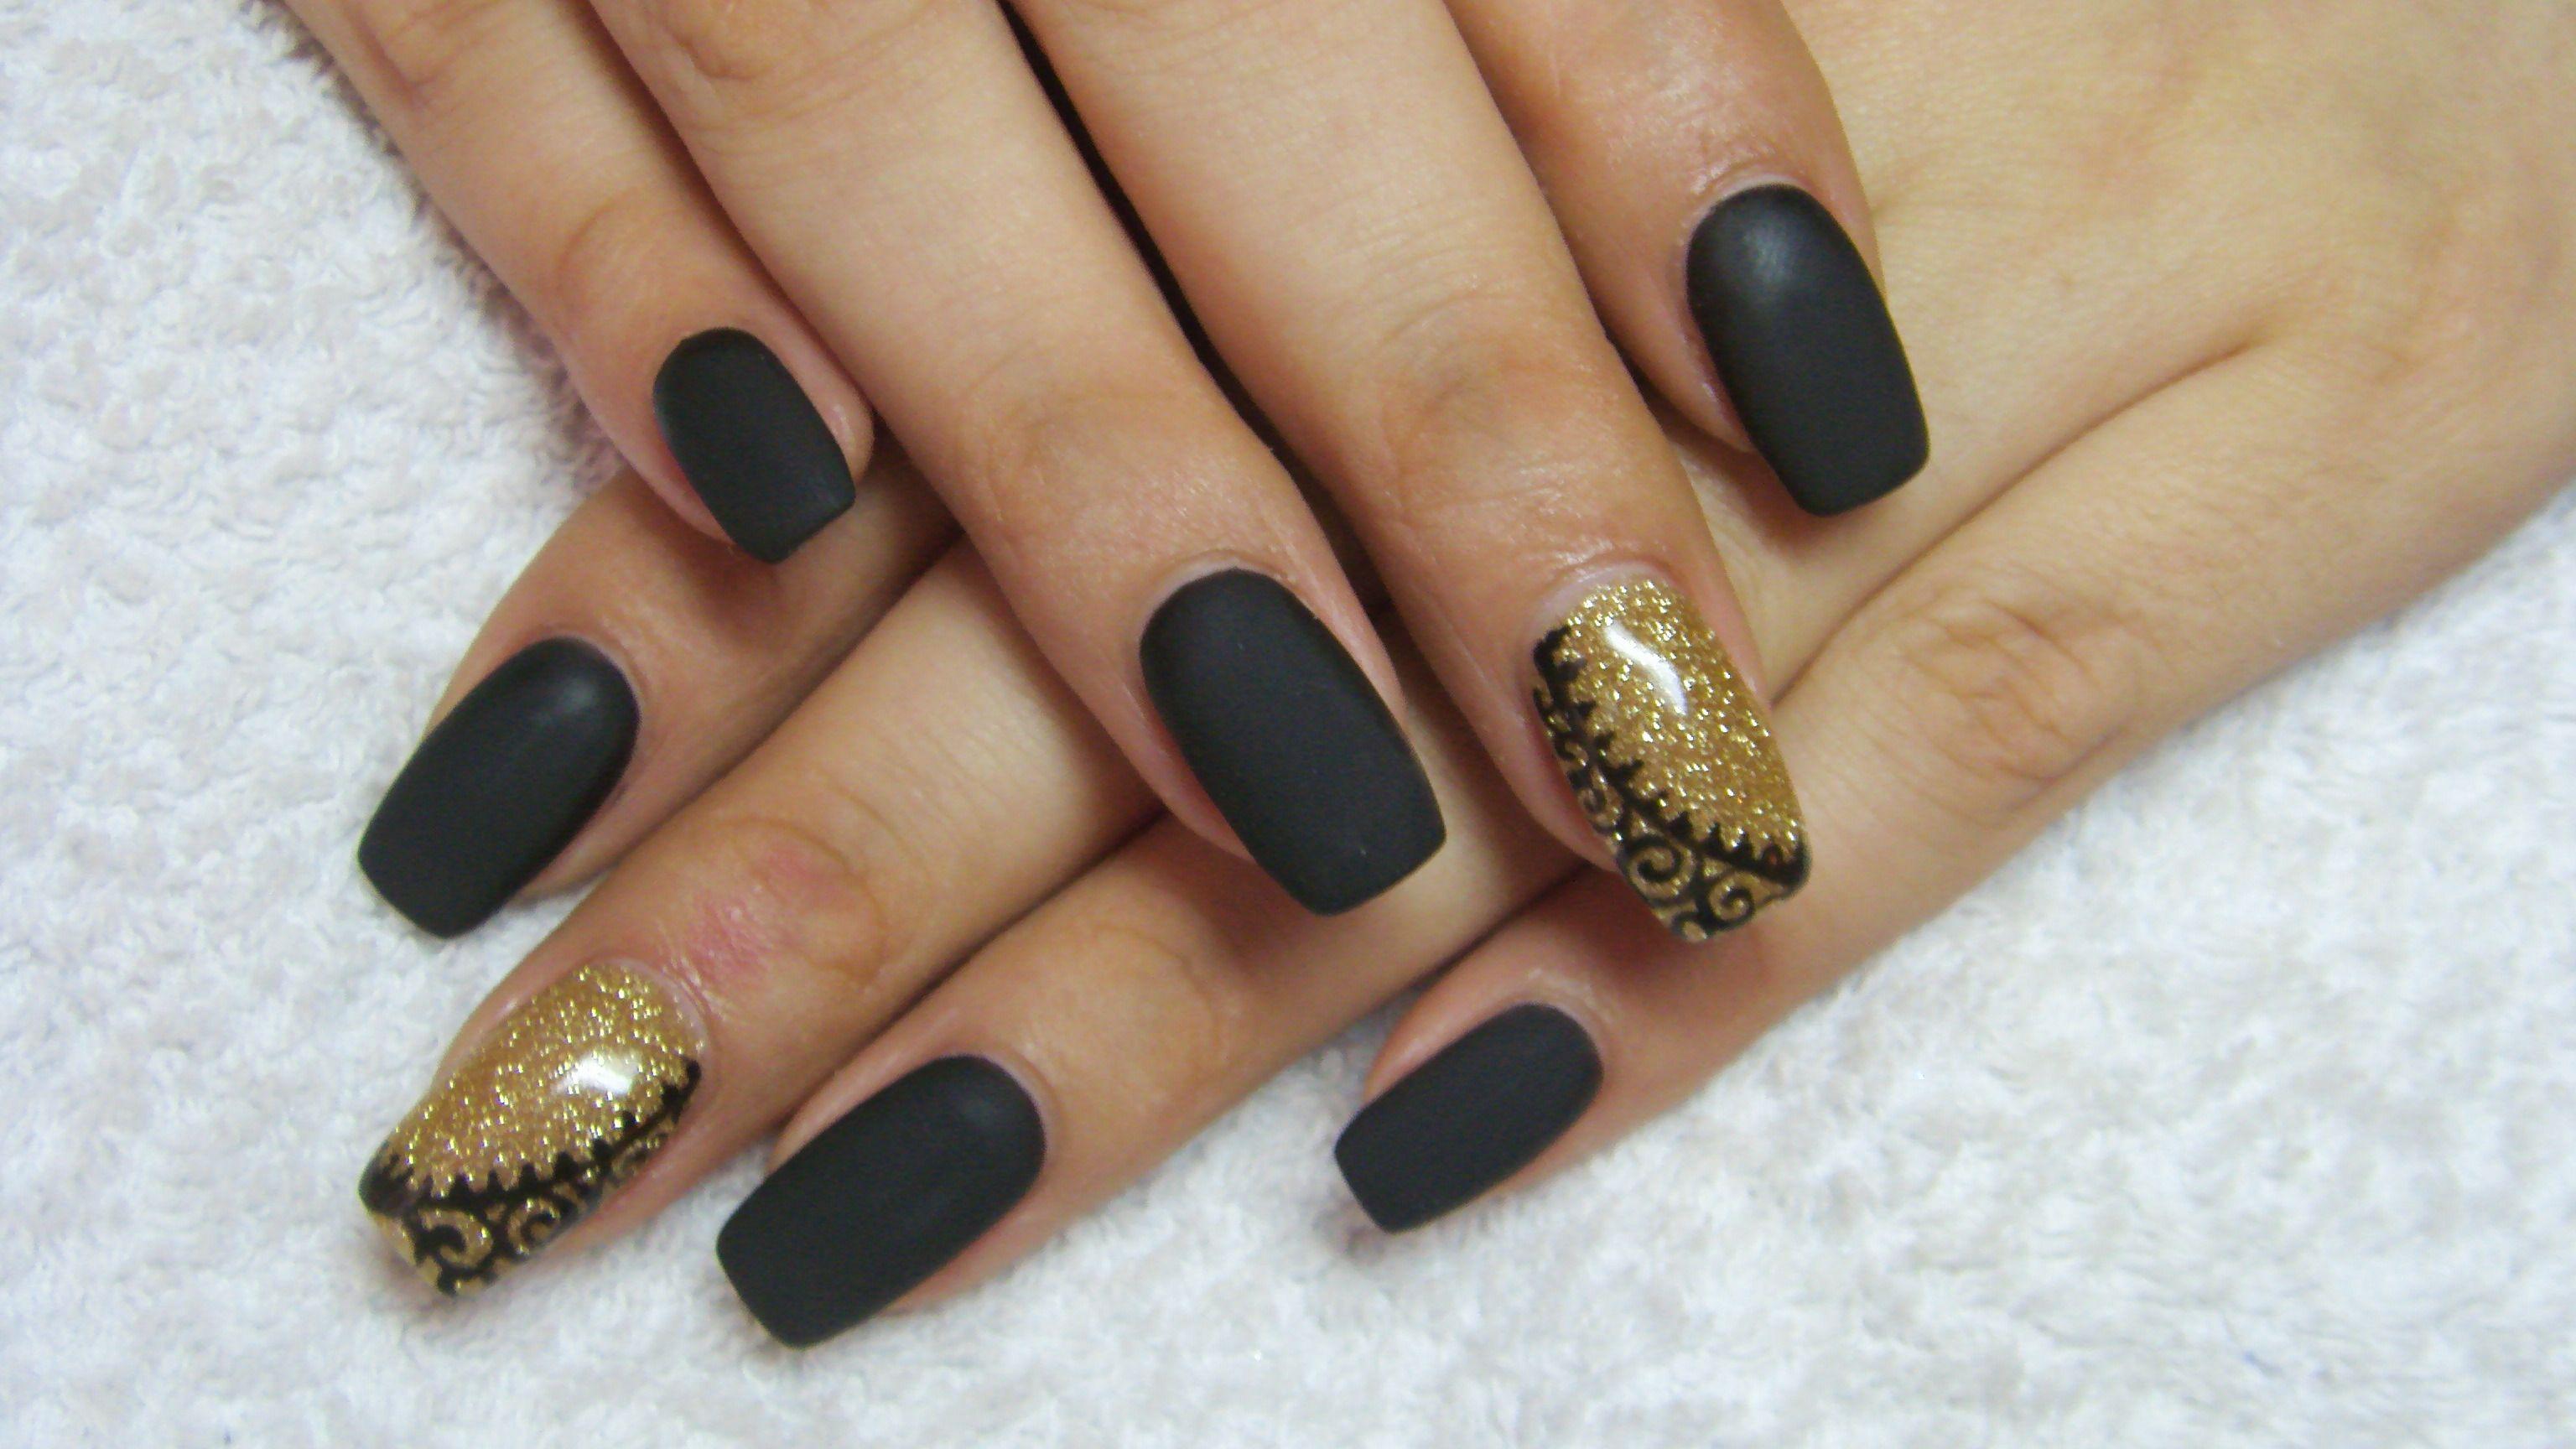 Matte black and gold nails | Nails | Pinterest | Gold nail